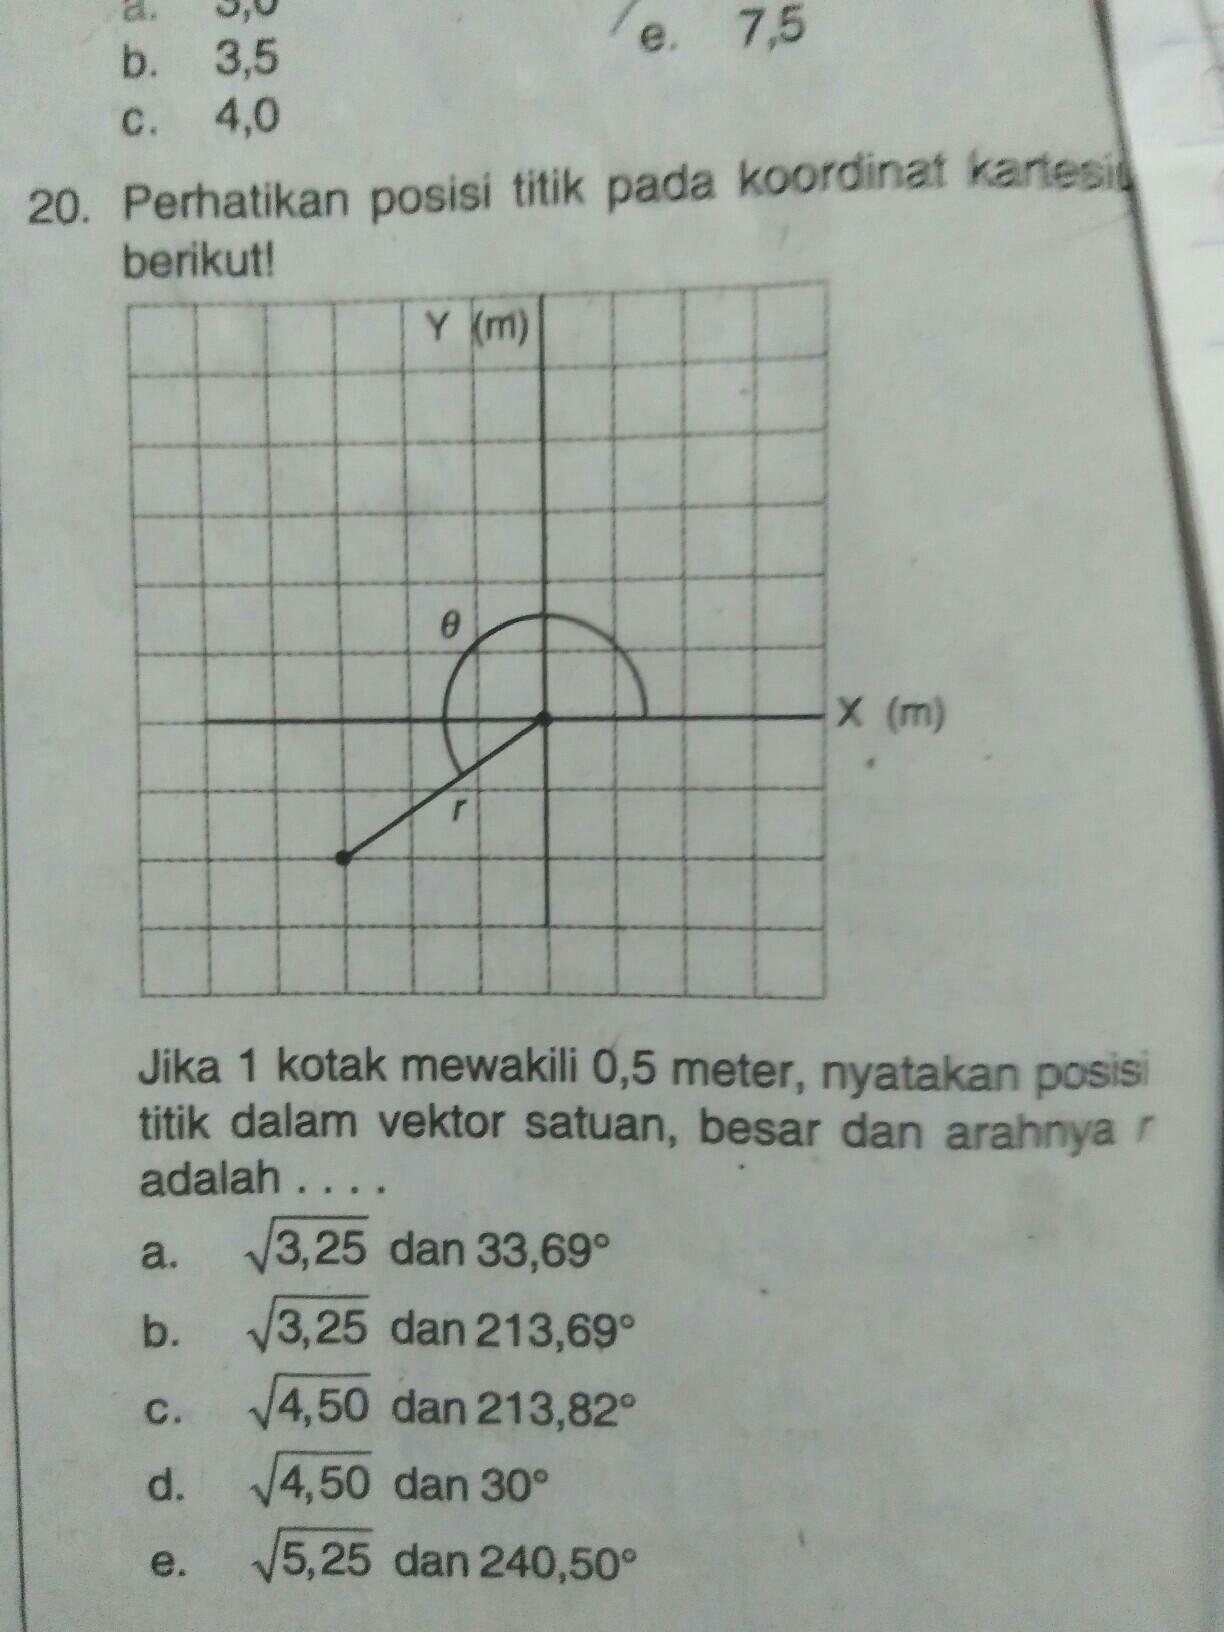 jika 1 kotak mewakili 0,5 meter nyatakan posisi titik ...